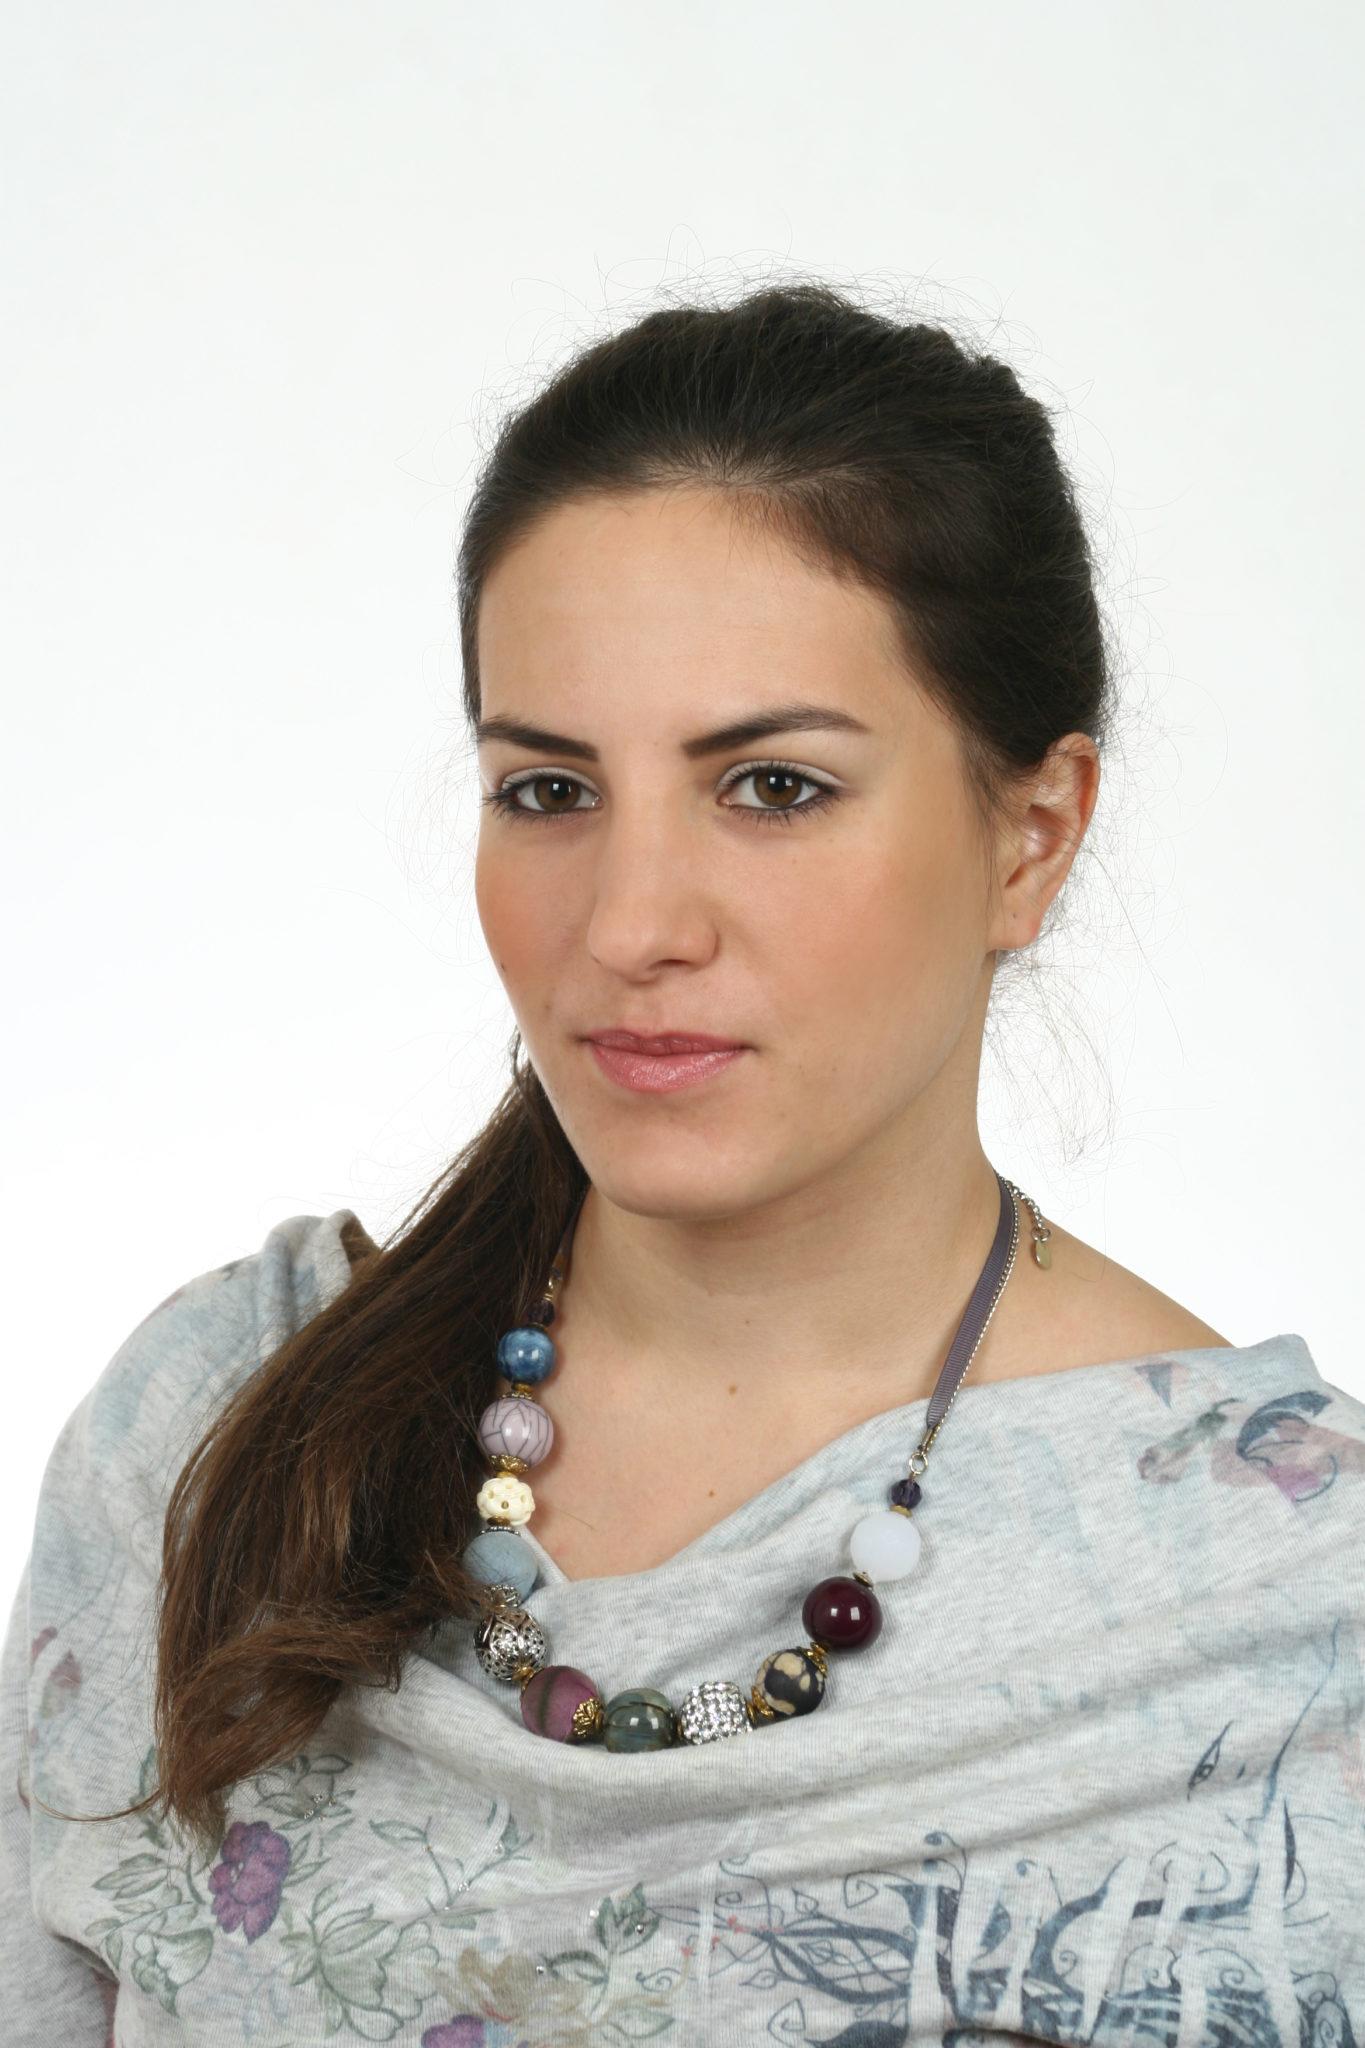 lek. Axana Szlenk